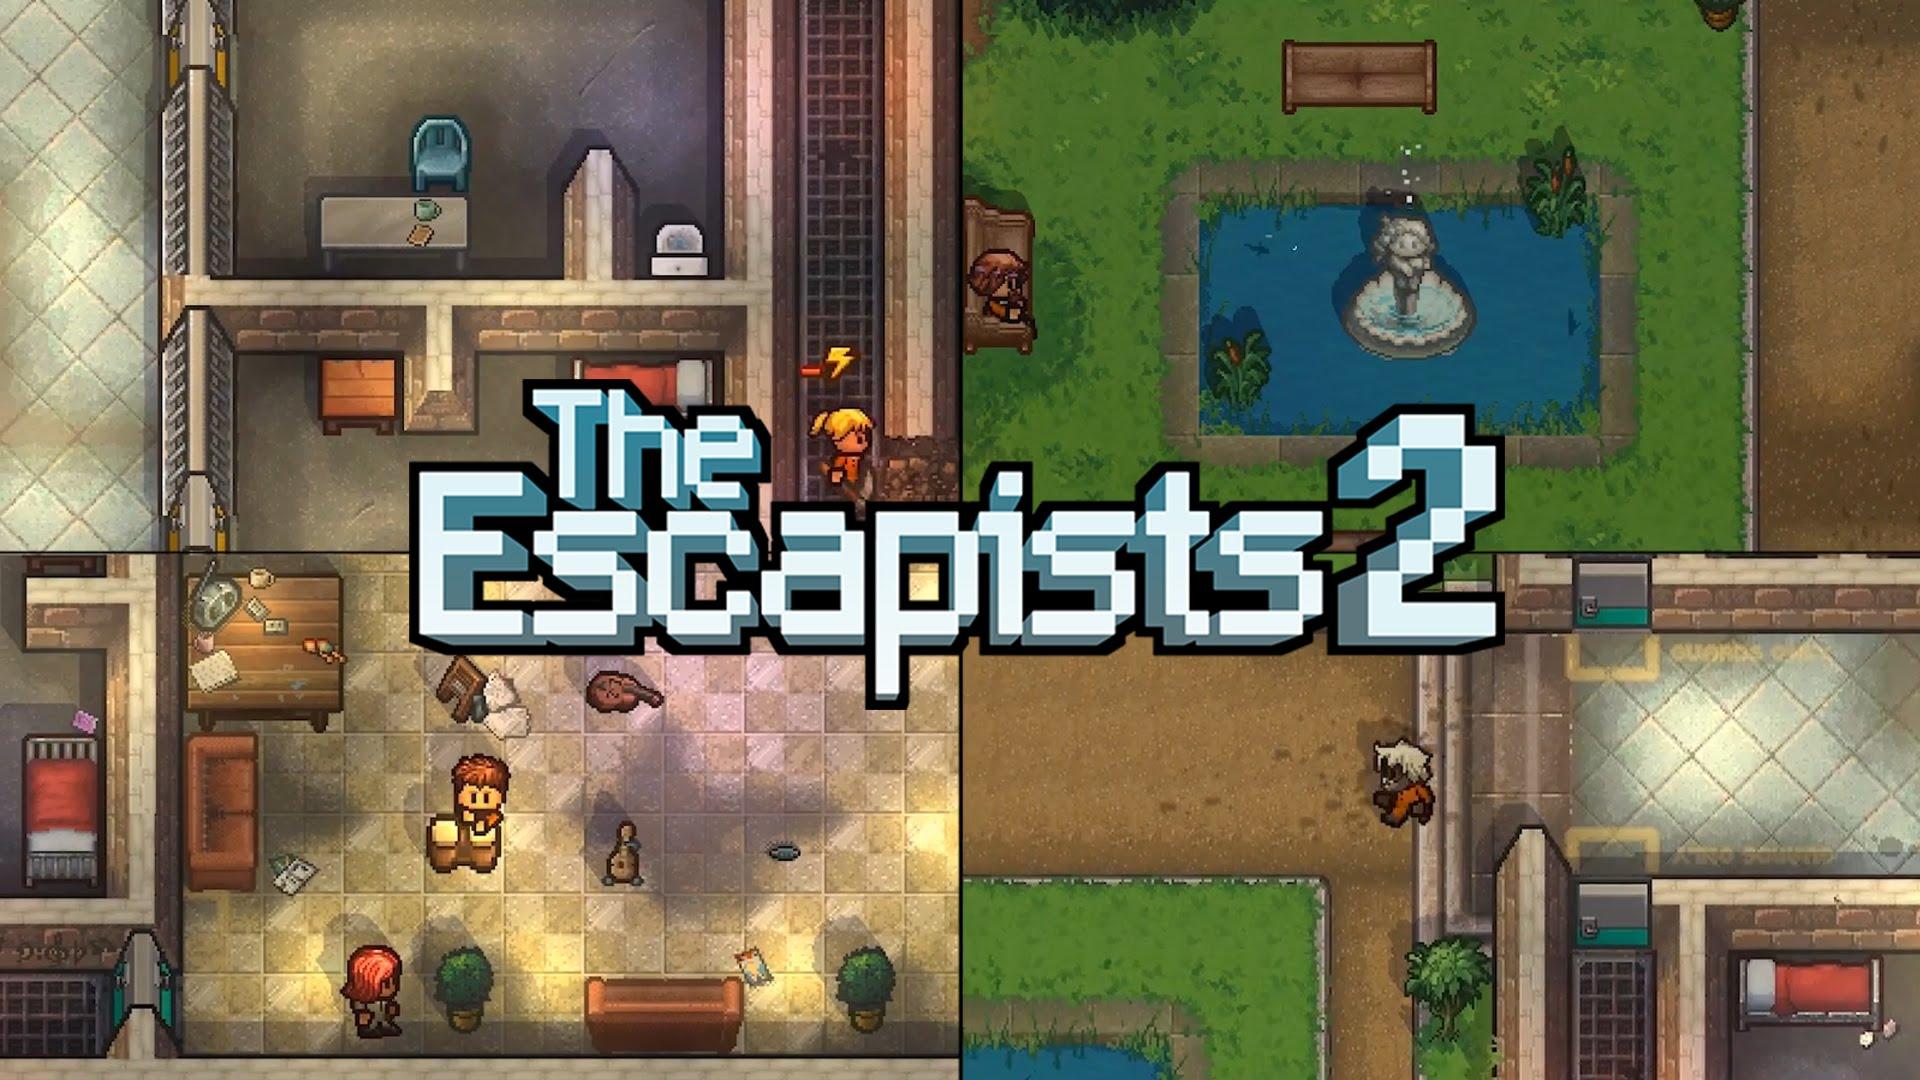 Escapist Wallpaper Image Group 46 1920x1080